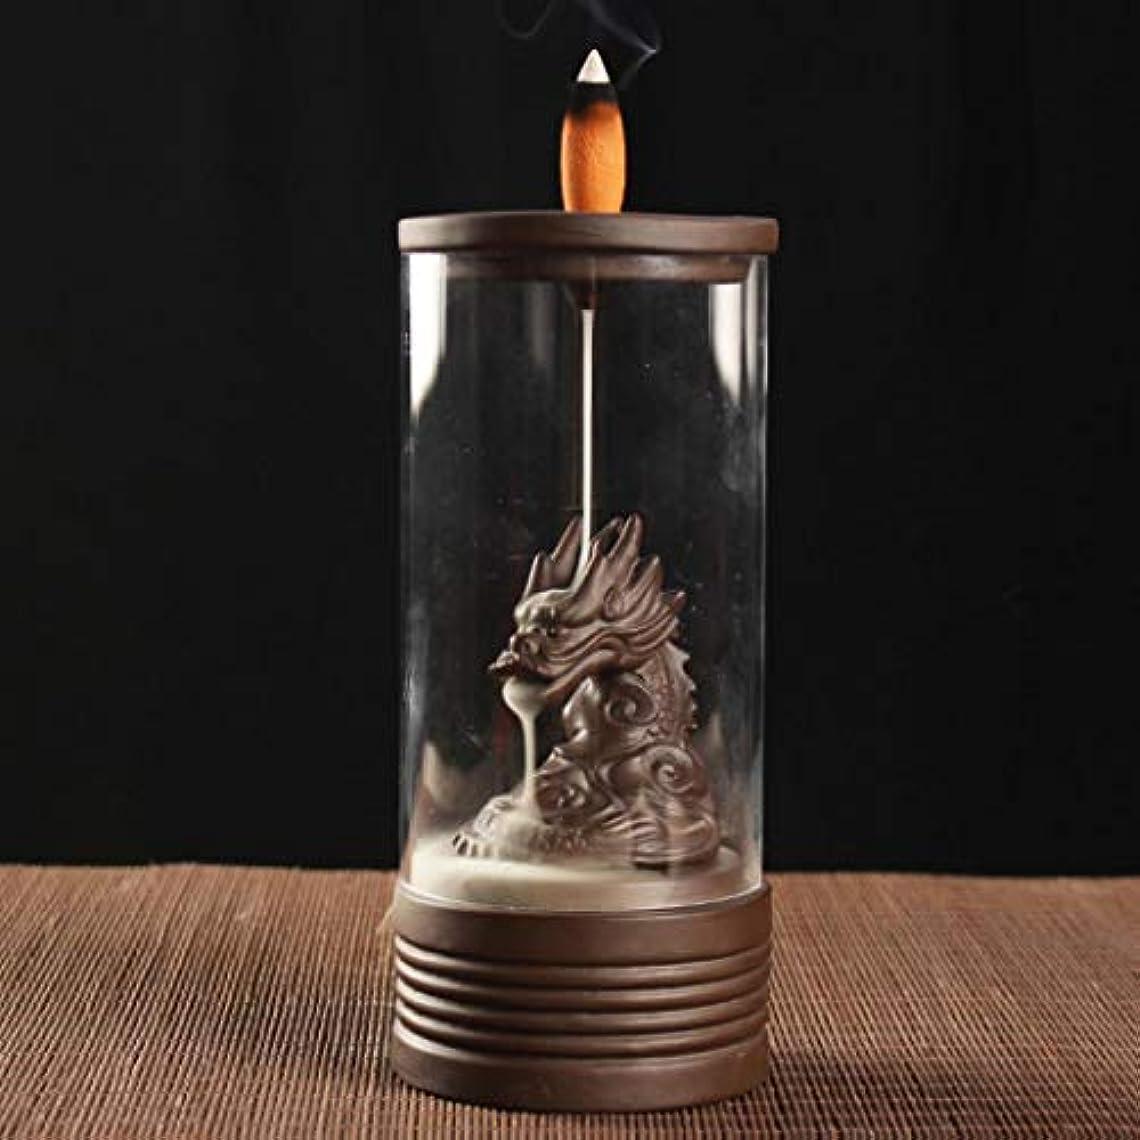 急流冷蔵するリスナーAlenx ドラゴン 逆流香立て 家庭用香炉 逆流香10個付き 陶器香炉 香炉 ブラウン USZVTBO644722